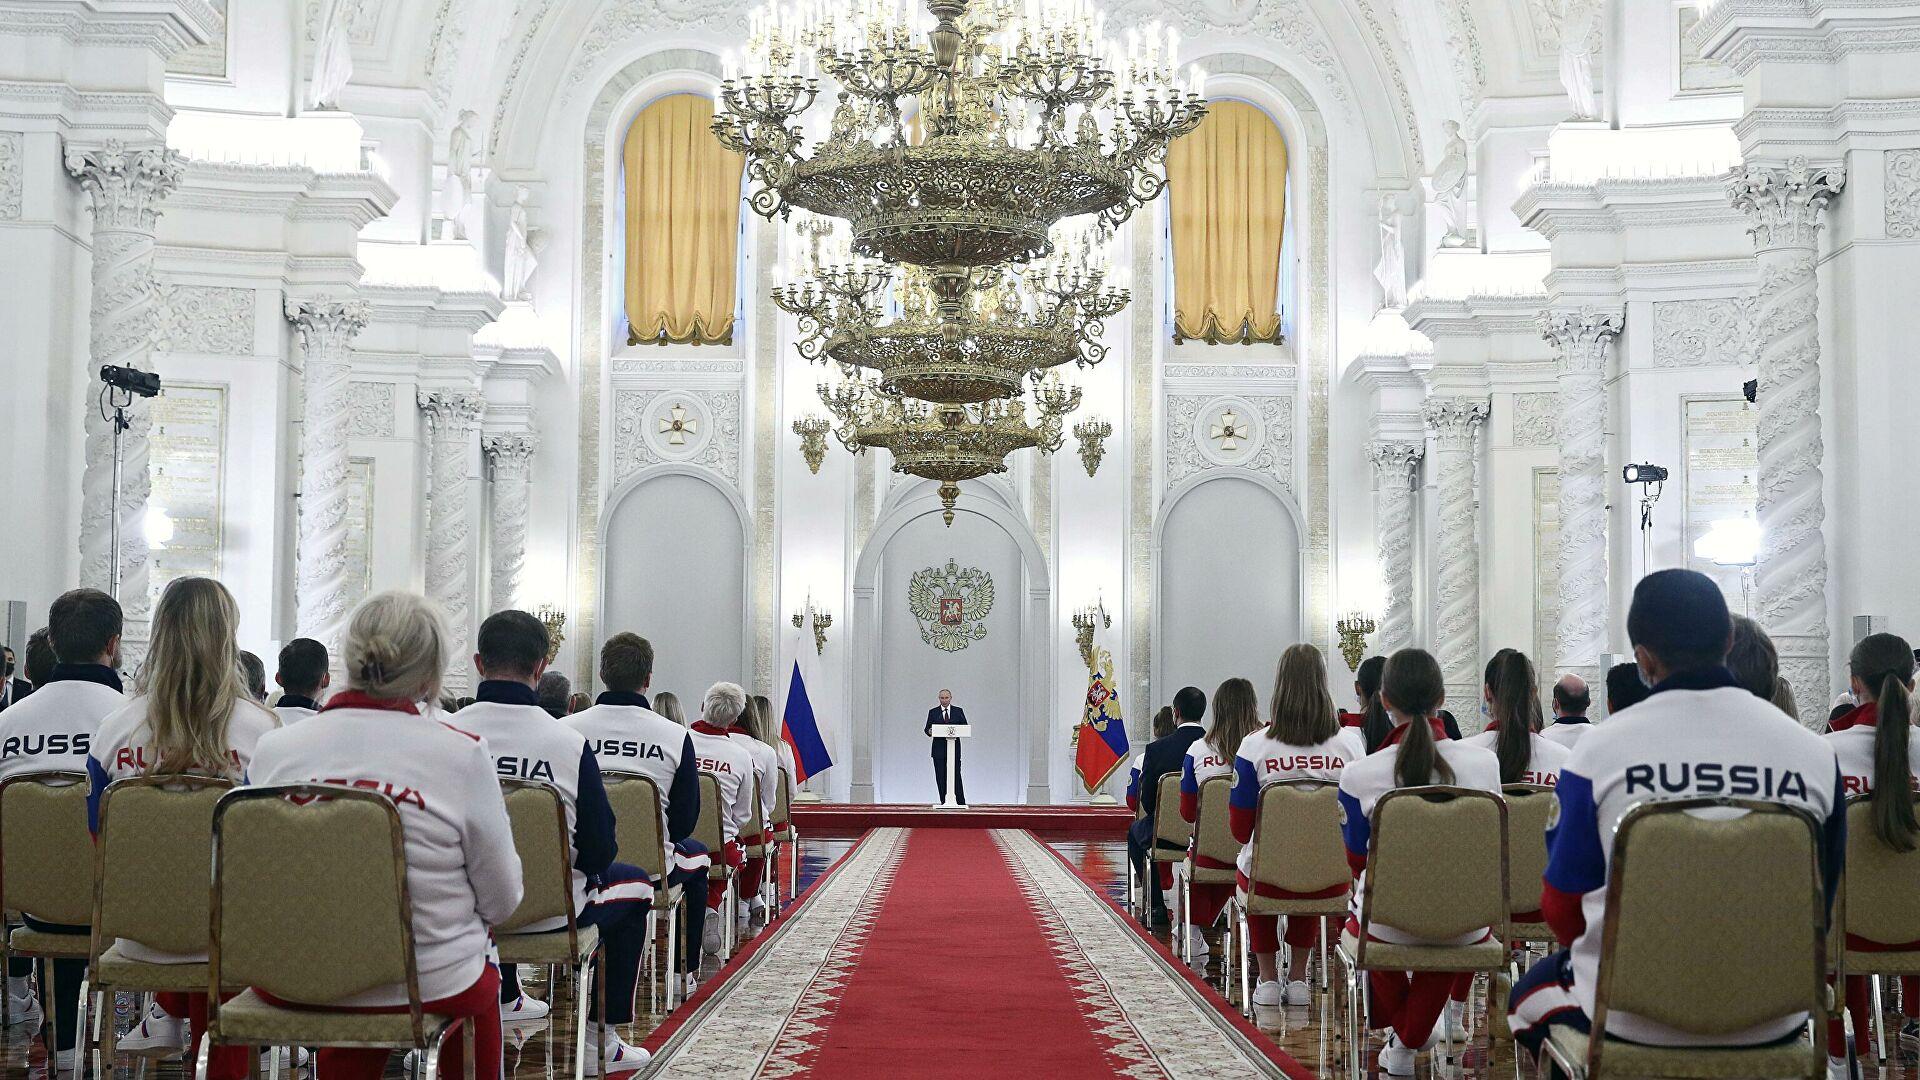 Путин: Резултати руских олимпијаца доказују да су сви покушаји политизације спорта штетни и бесмислени